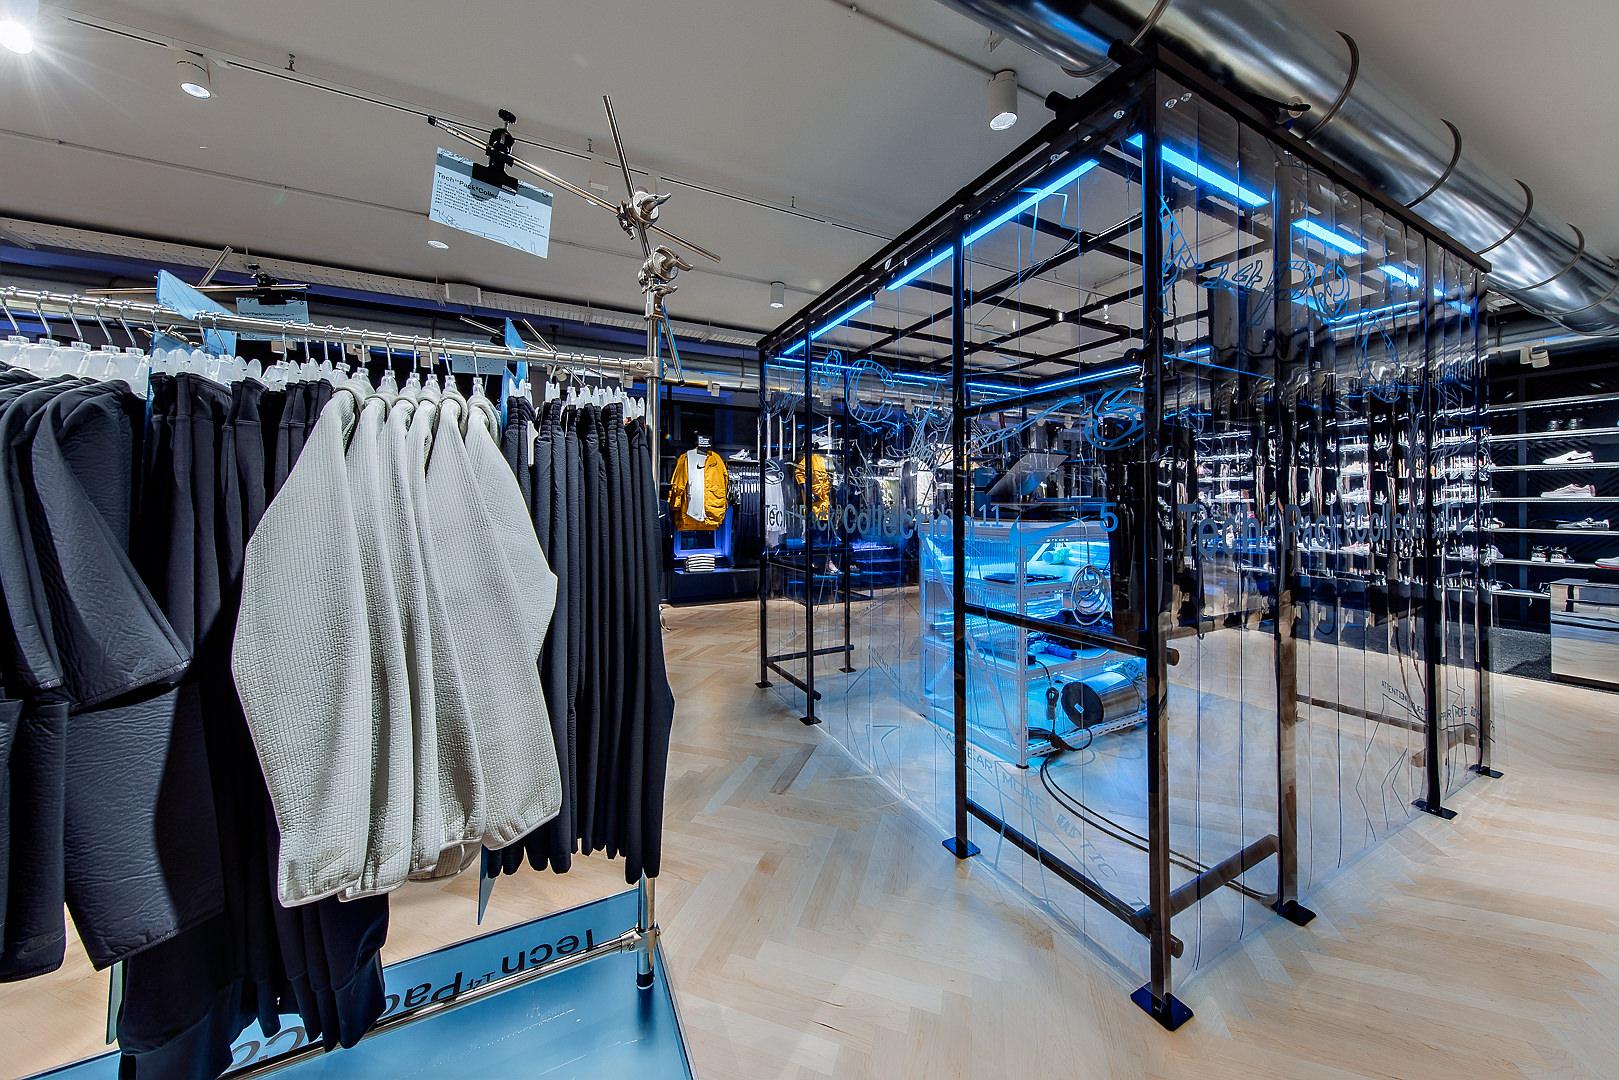 2018_09_14_Nike_Store_CVE_0049.jpg